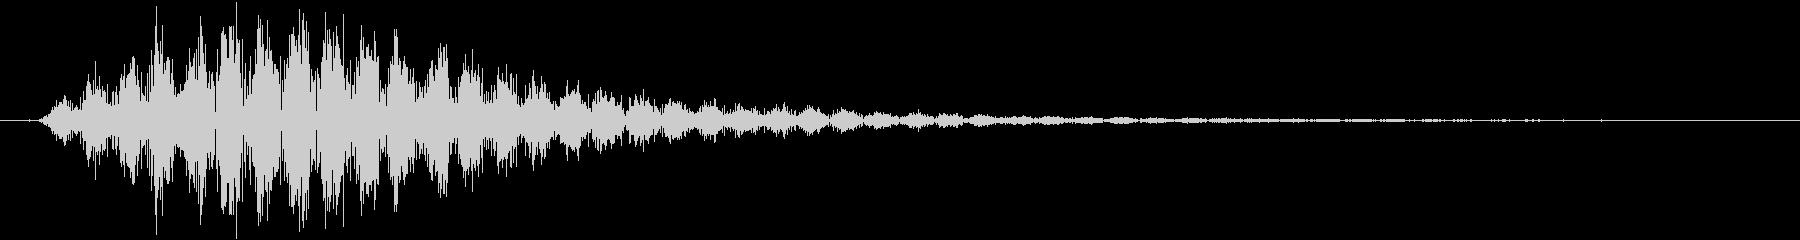 シンセで作ったシュワワ音1の未再生の波形